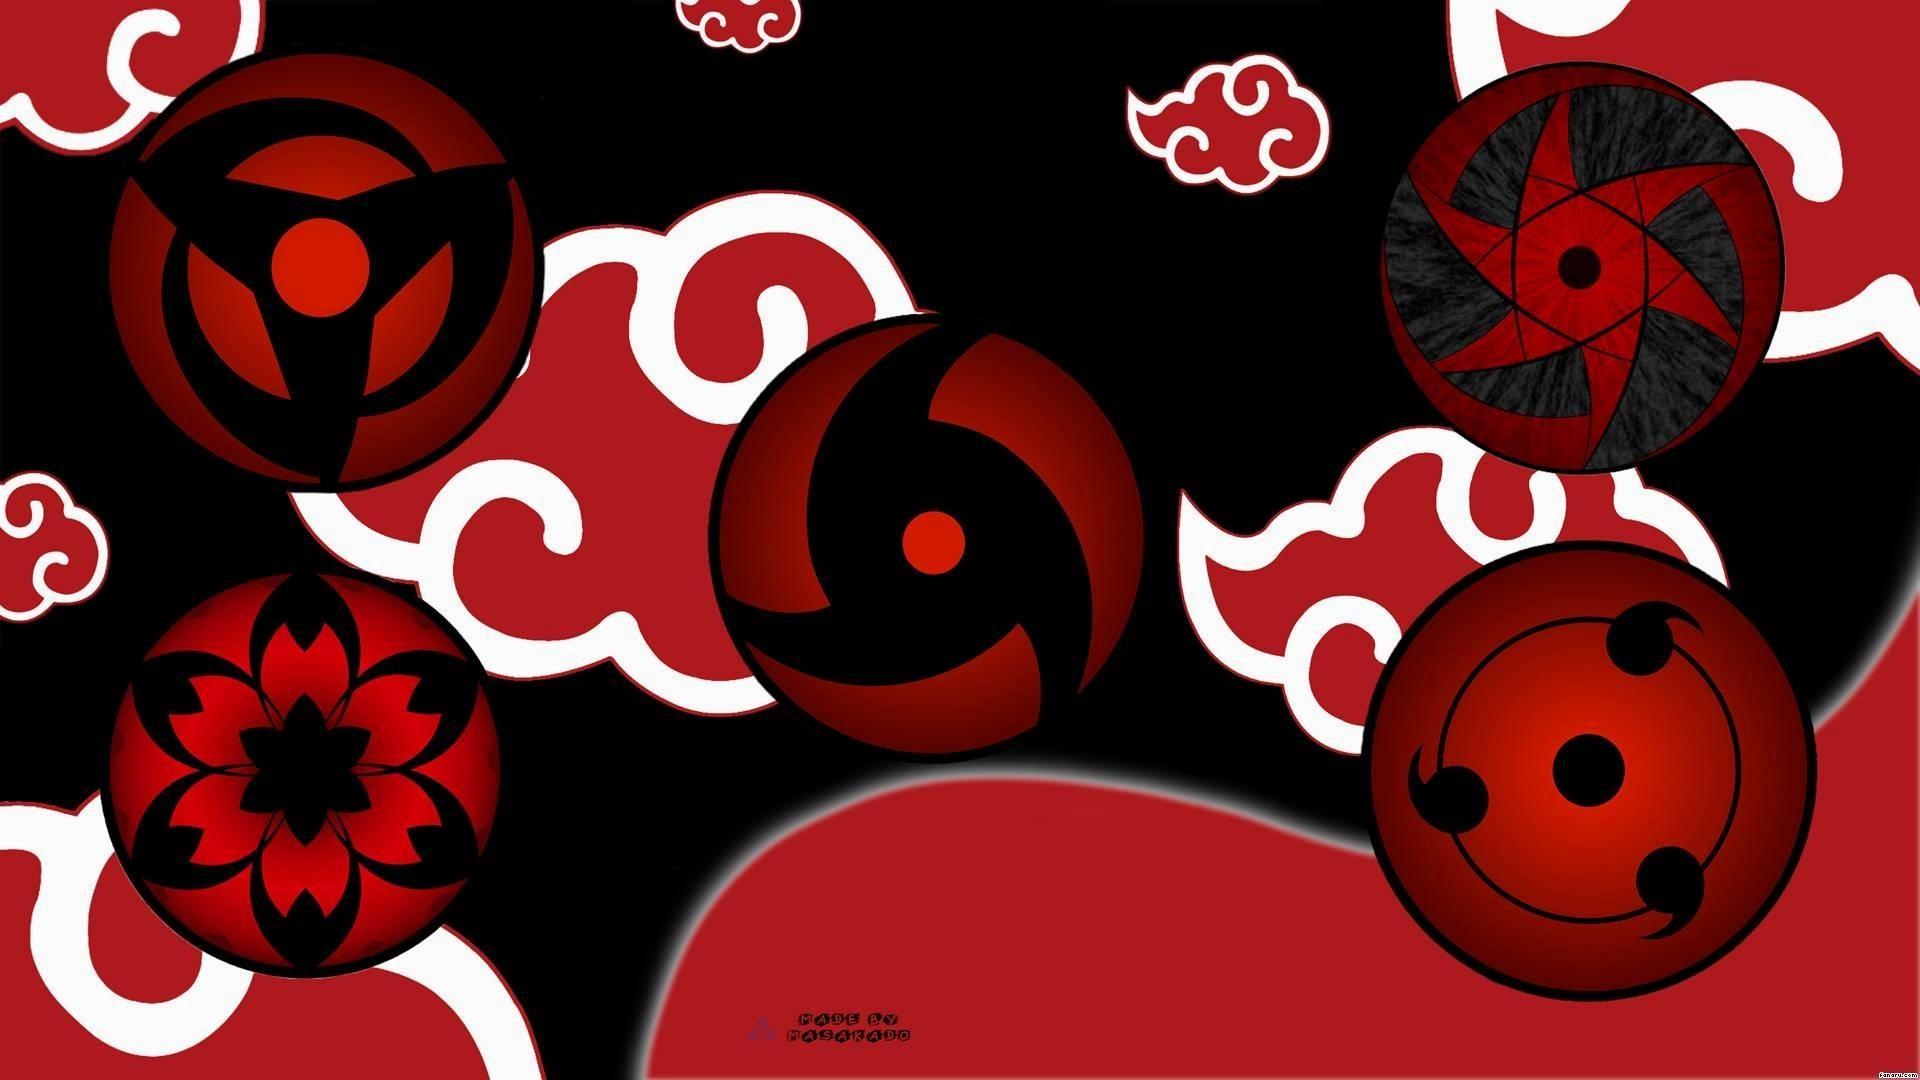 wallpaper.wiki-Mangekyou-Sharingan-Desktop-Wallpaper-PIC-WPE006360